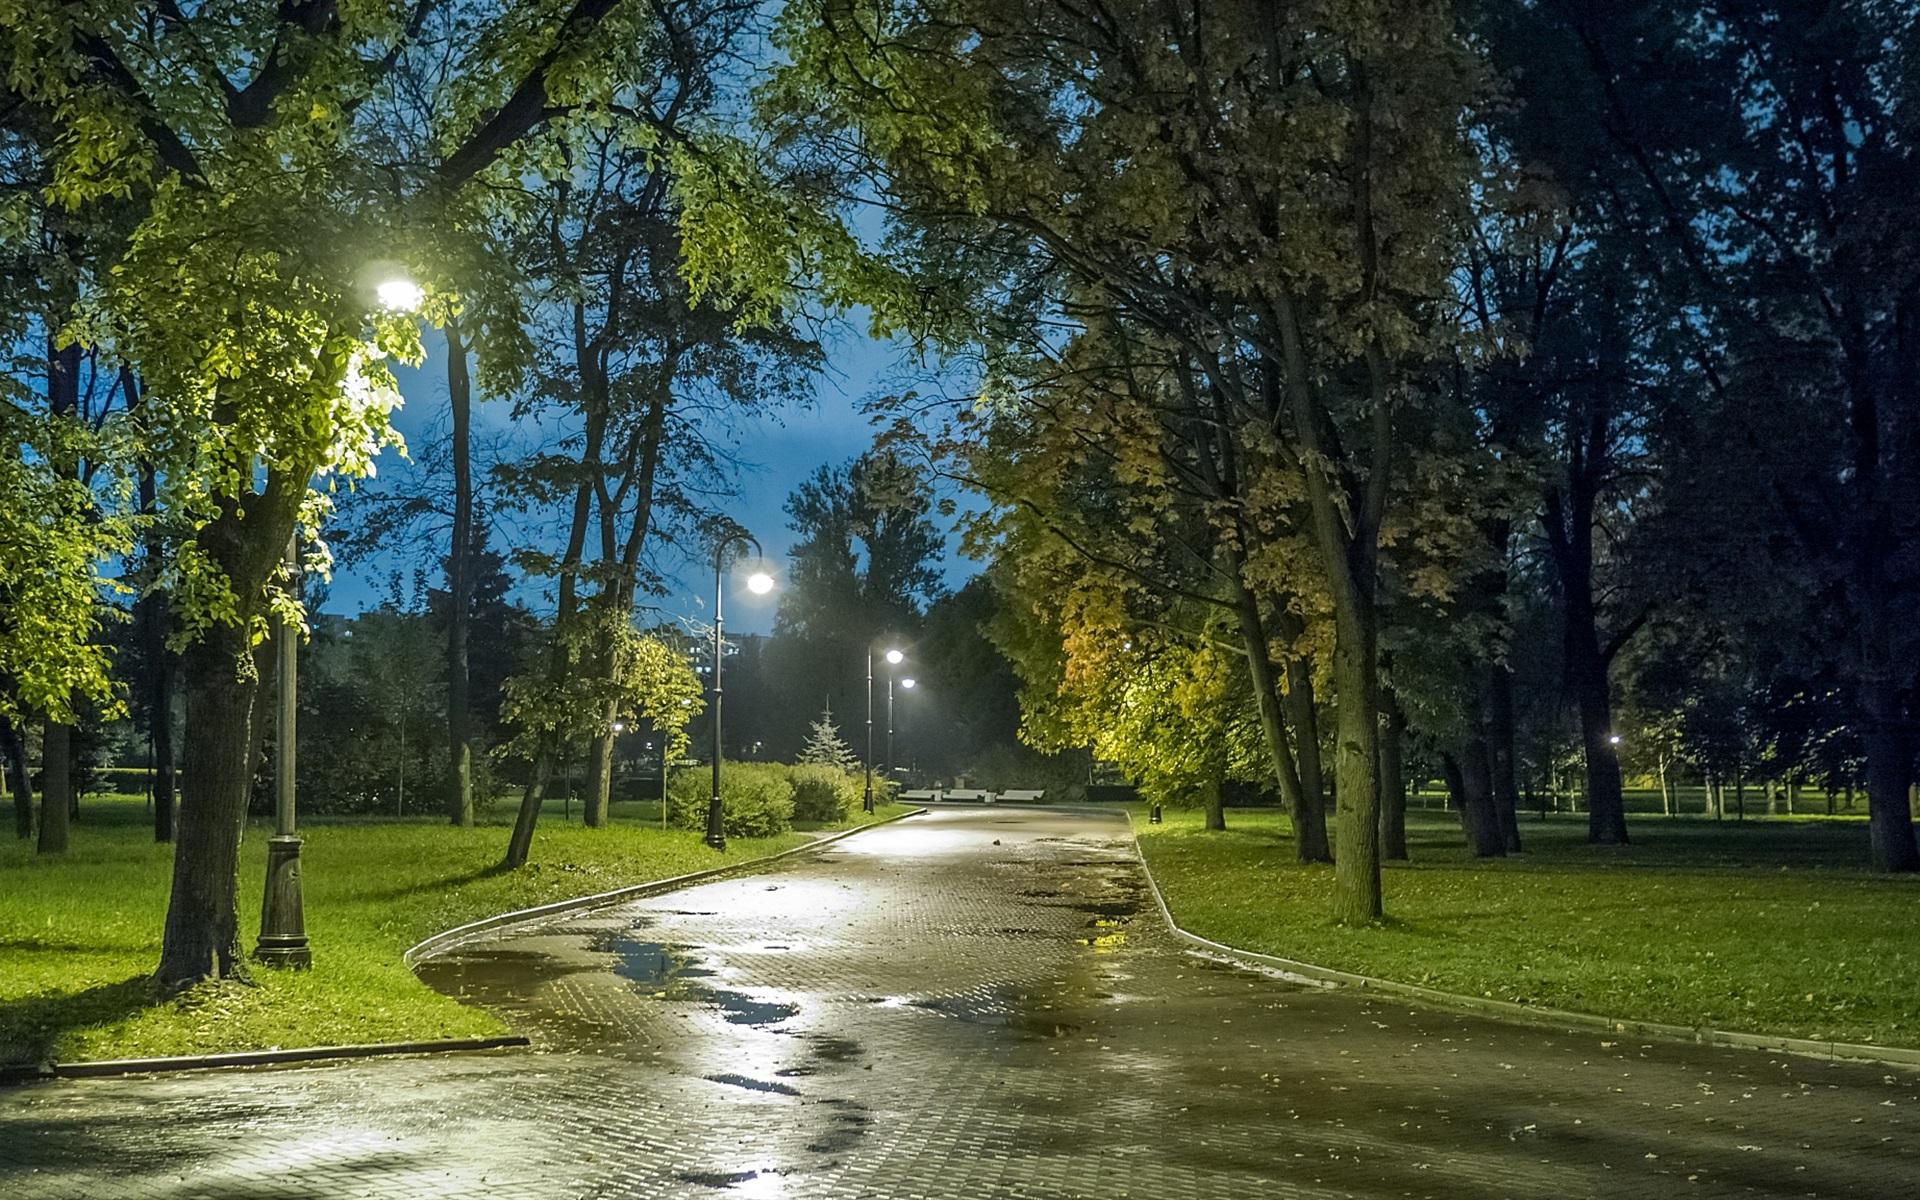 парк речка огни вечер скачать